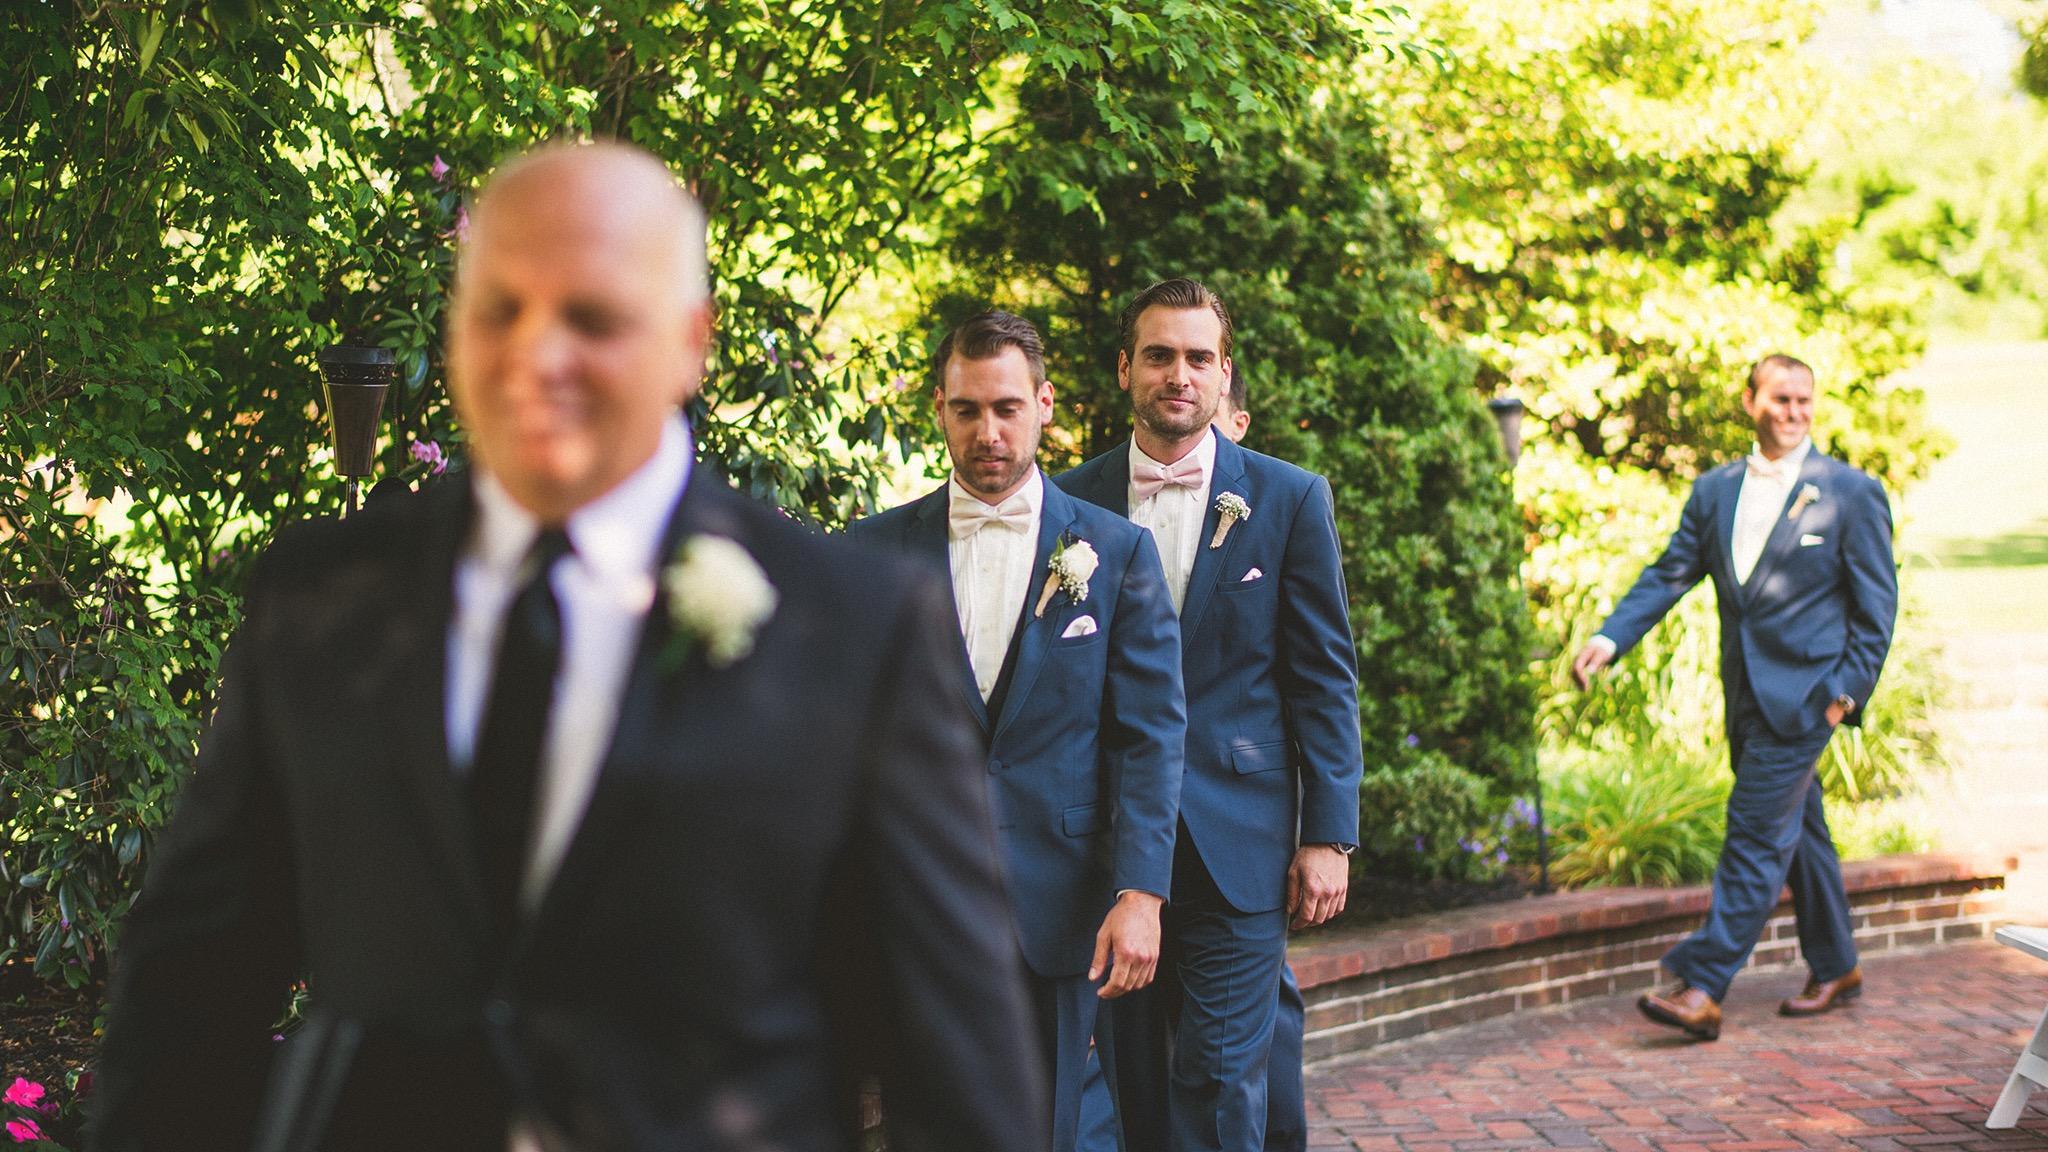 43-groom-walking-out.jpg